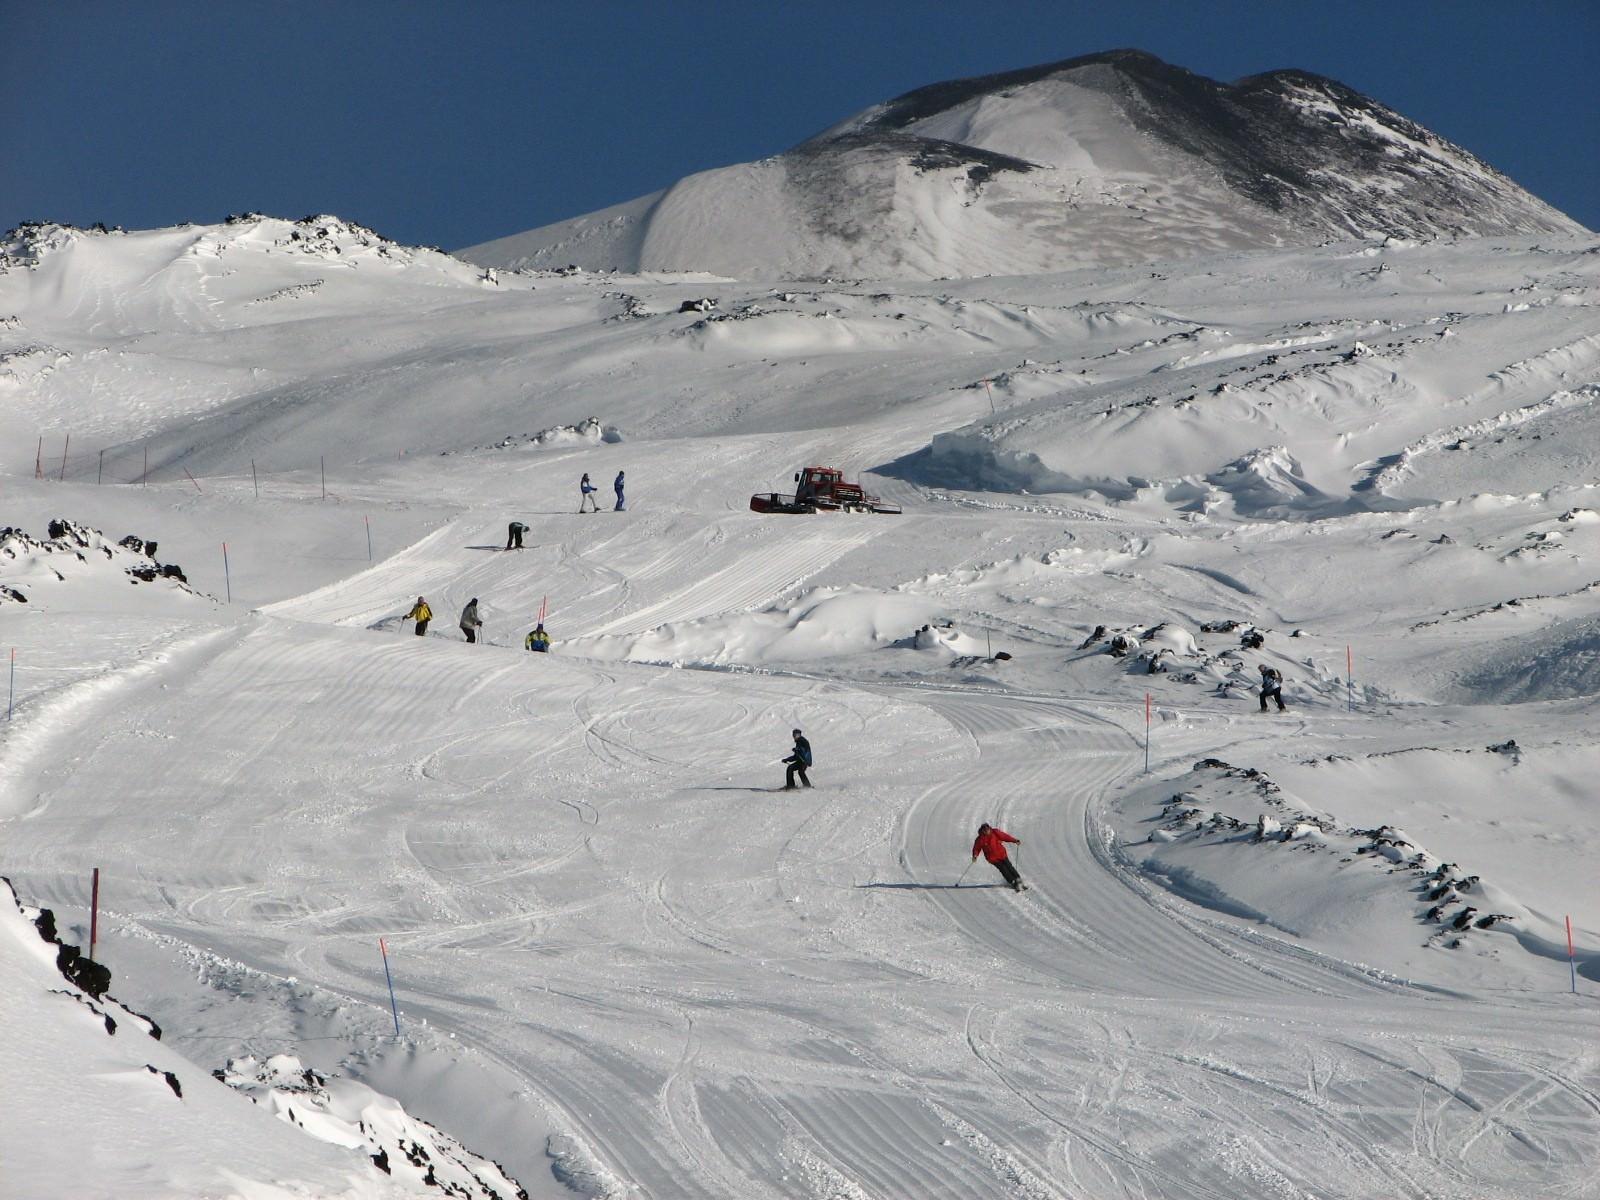 Grande spavento sulla neve: 14enne si schianta fuori pista